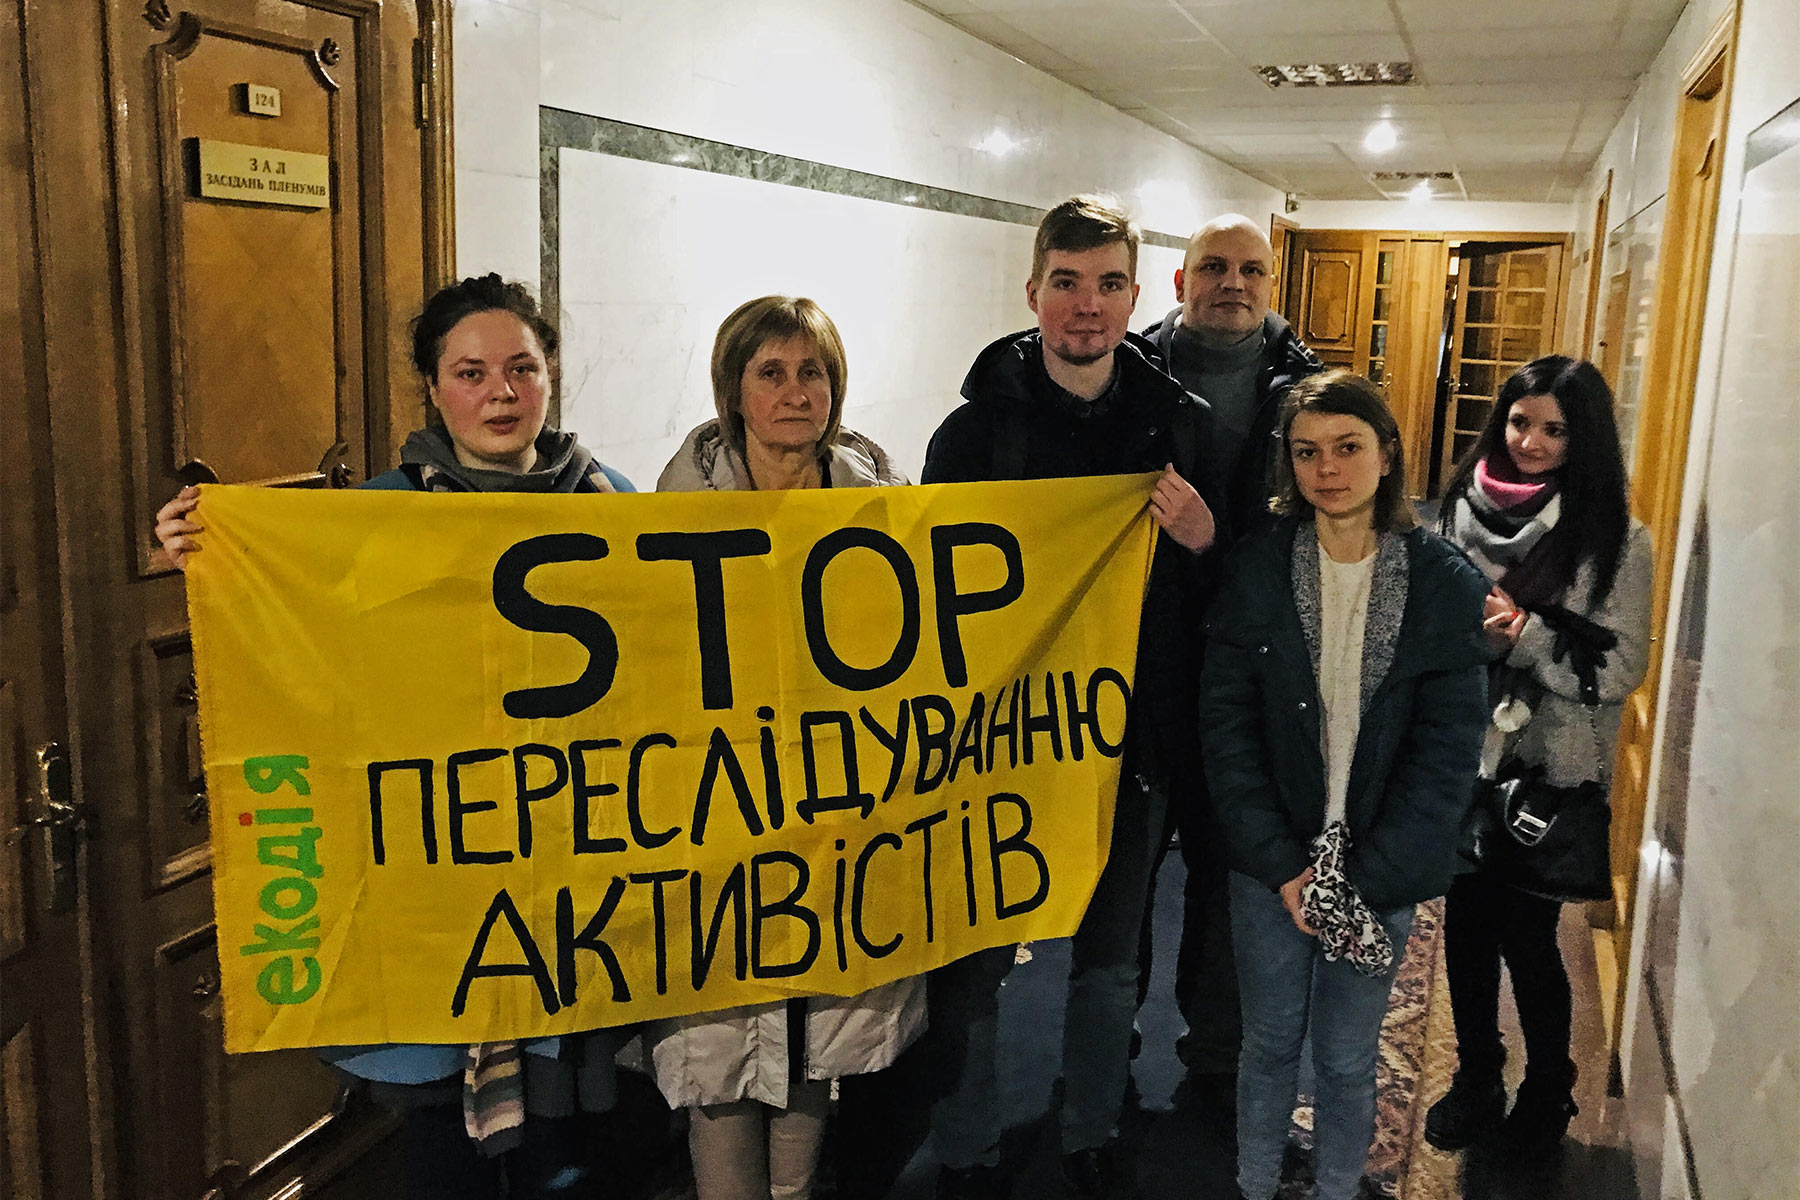 На активістку намагаються тиснути через суд. Фото: Михайло Амосов.